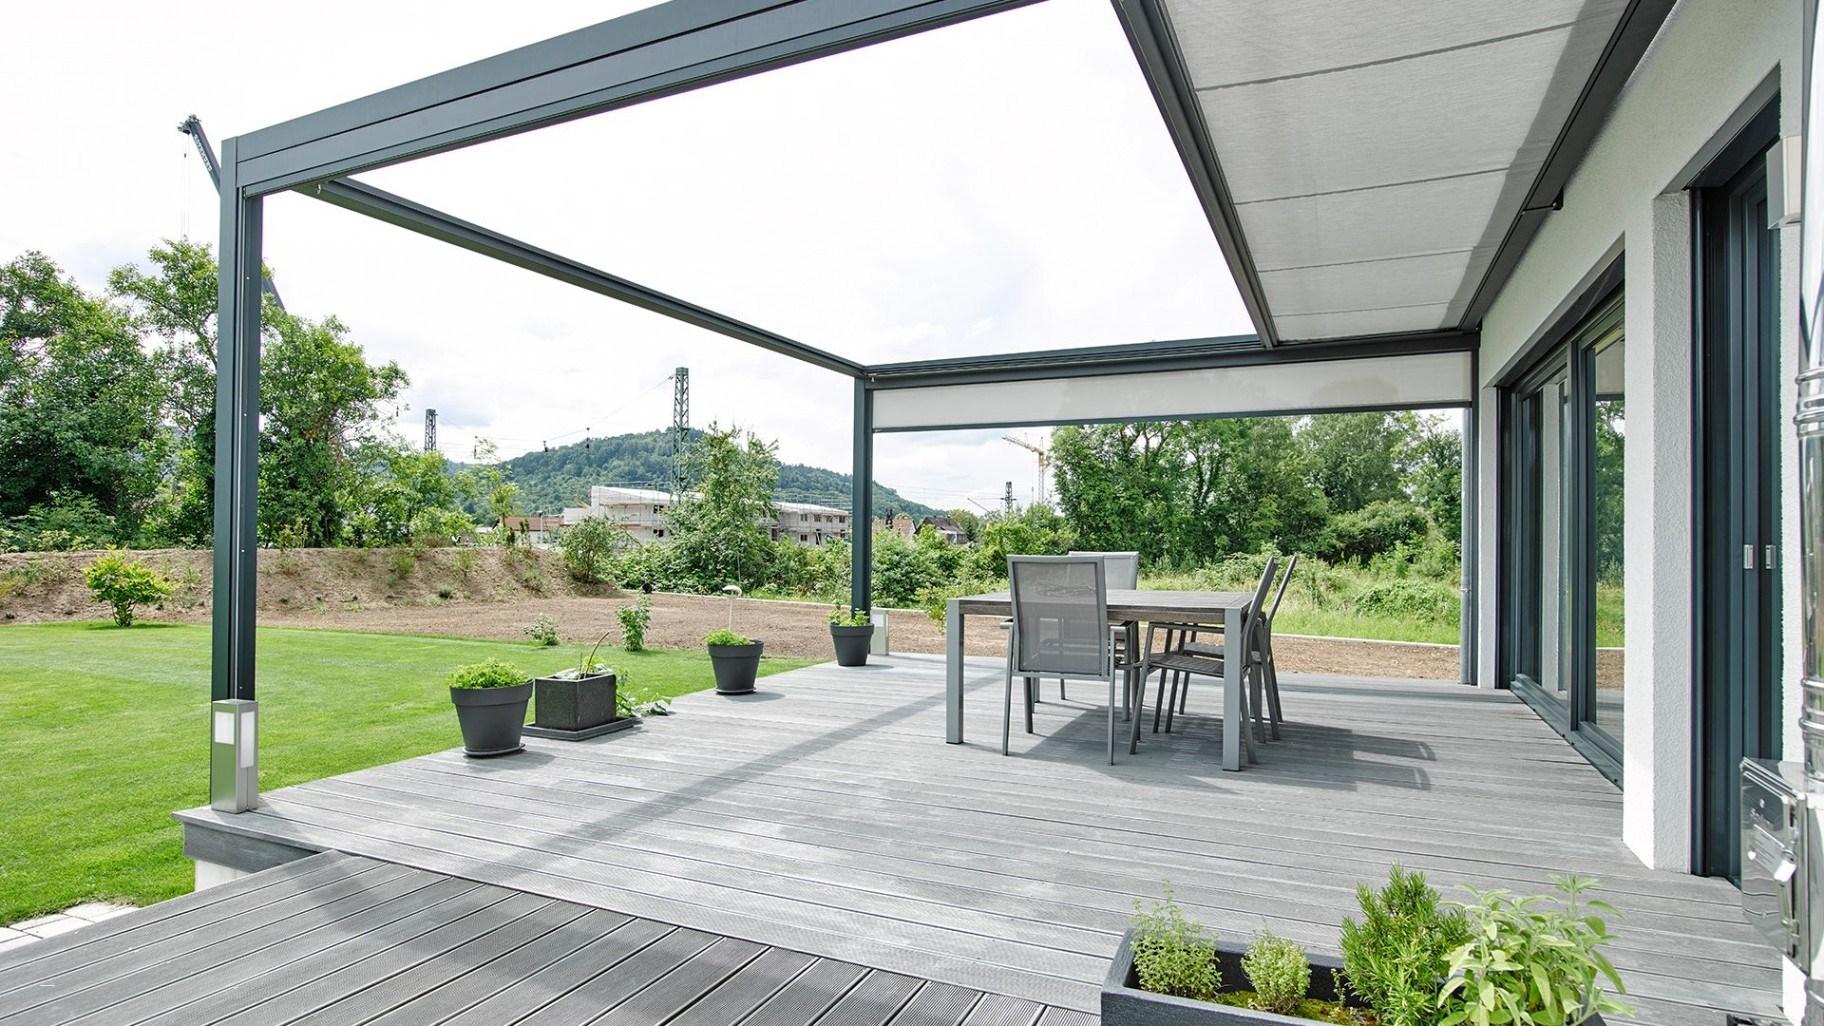 balkon gestalten ideen frisch tolle erstklassige sonnenschutz herrlich terrasse balkon gestalten ideen frisch tolle erstklassige sonnenschutz losungen fur terrasse of